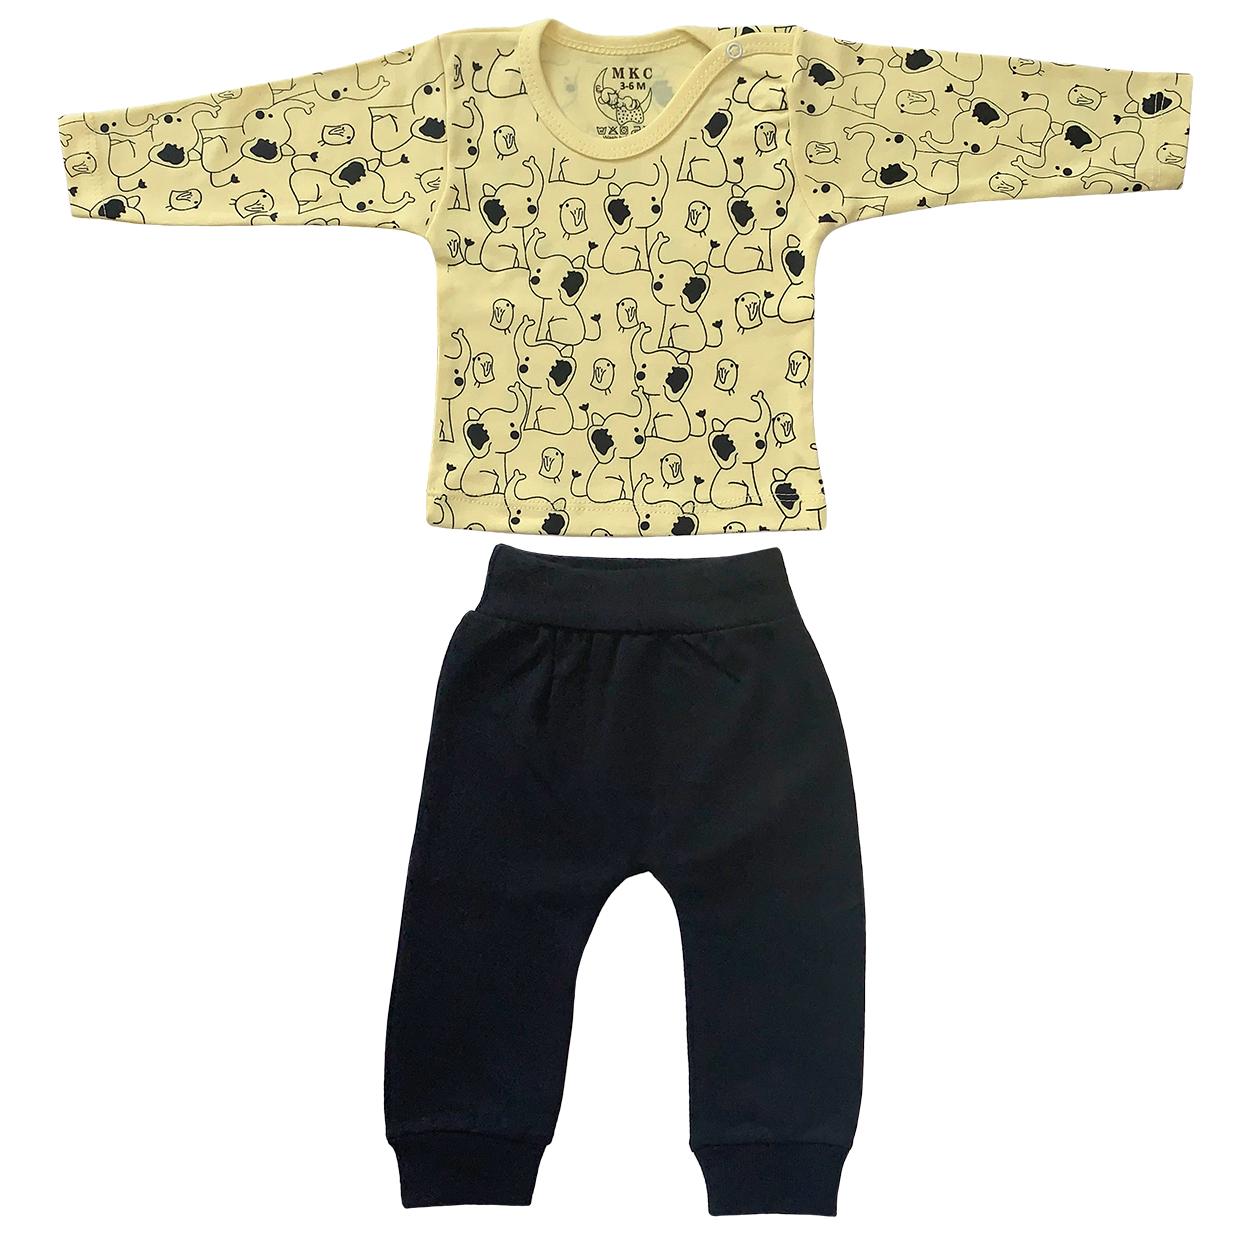 ست تی شرت و شلوار نوزادی طرح فیل کد FF-085  -  - 3